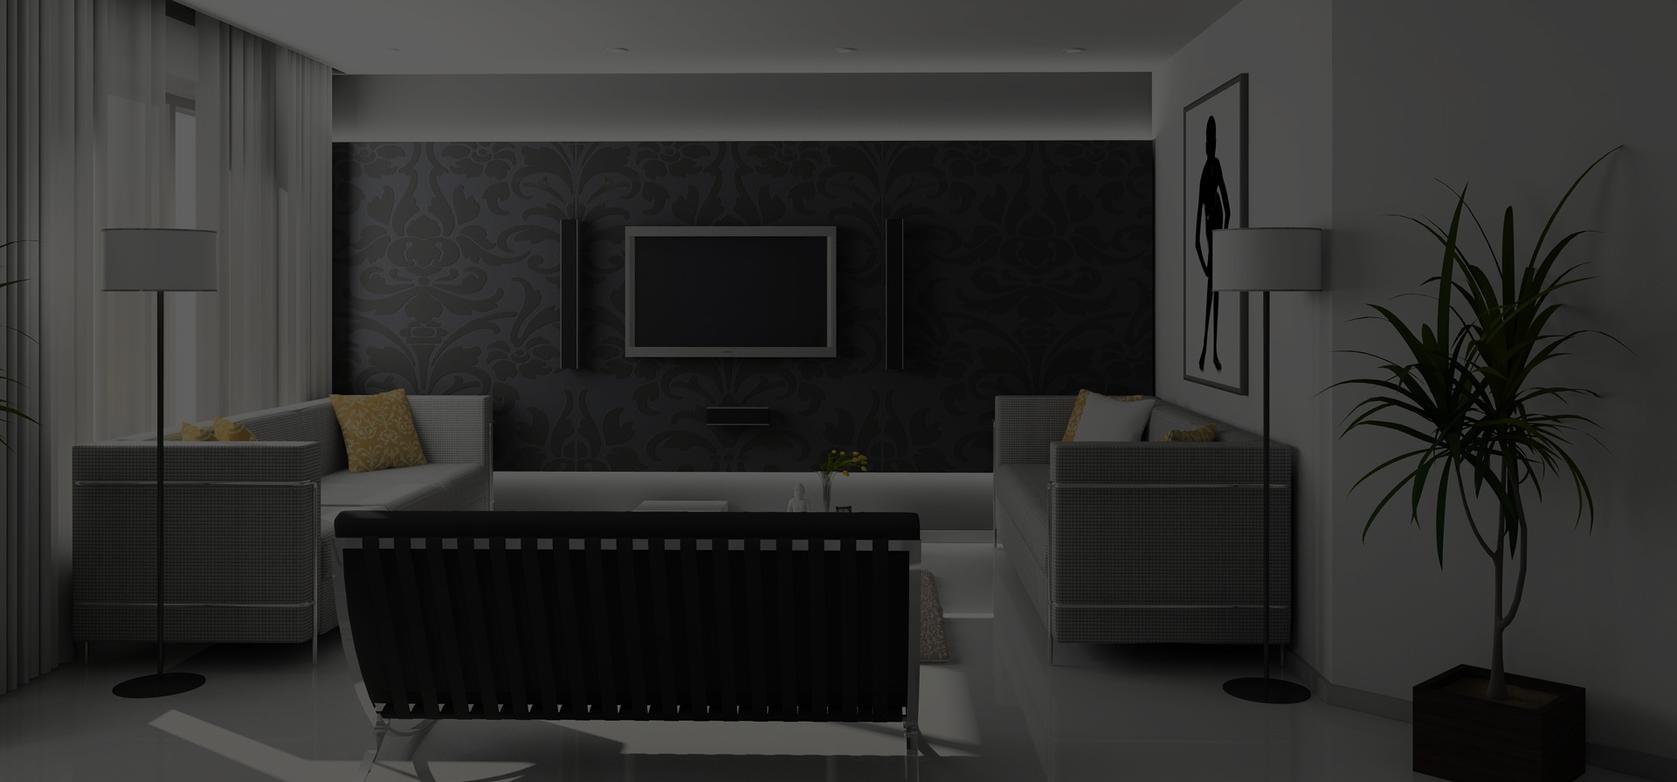 apartment-clean-condominium-279719 (1) c